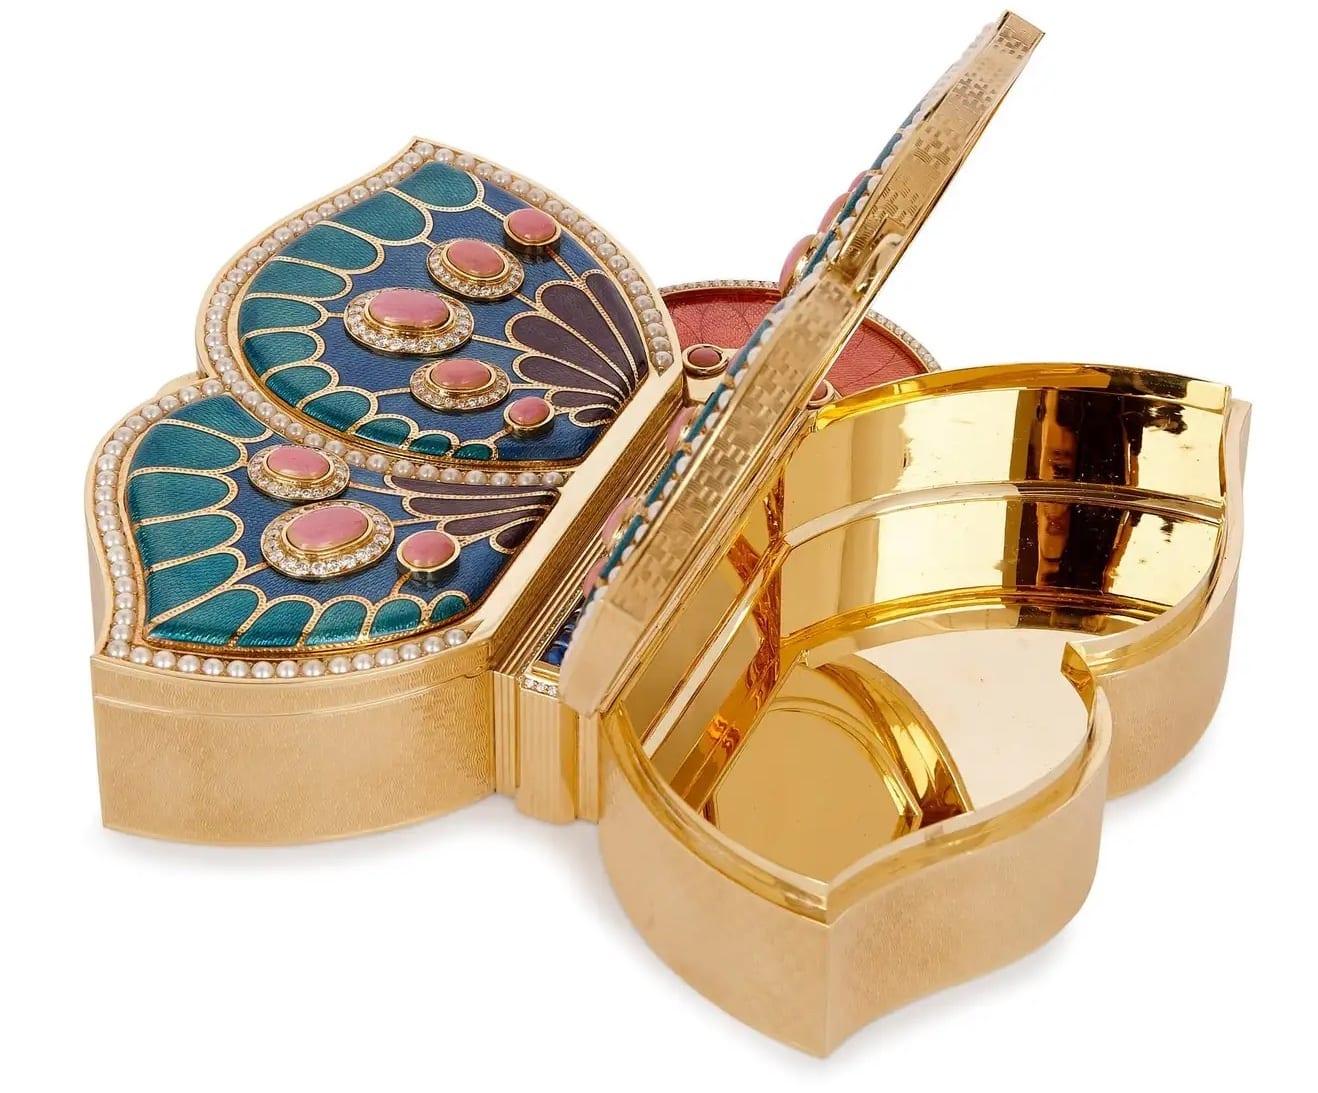 18 Karat Gold, Enamel, Pearl and Precious Stone Jewellery Box by Asprey